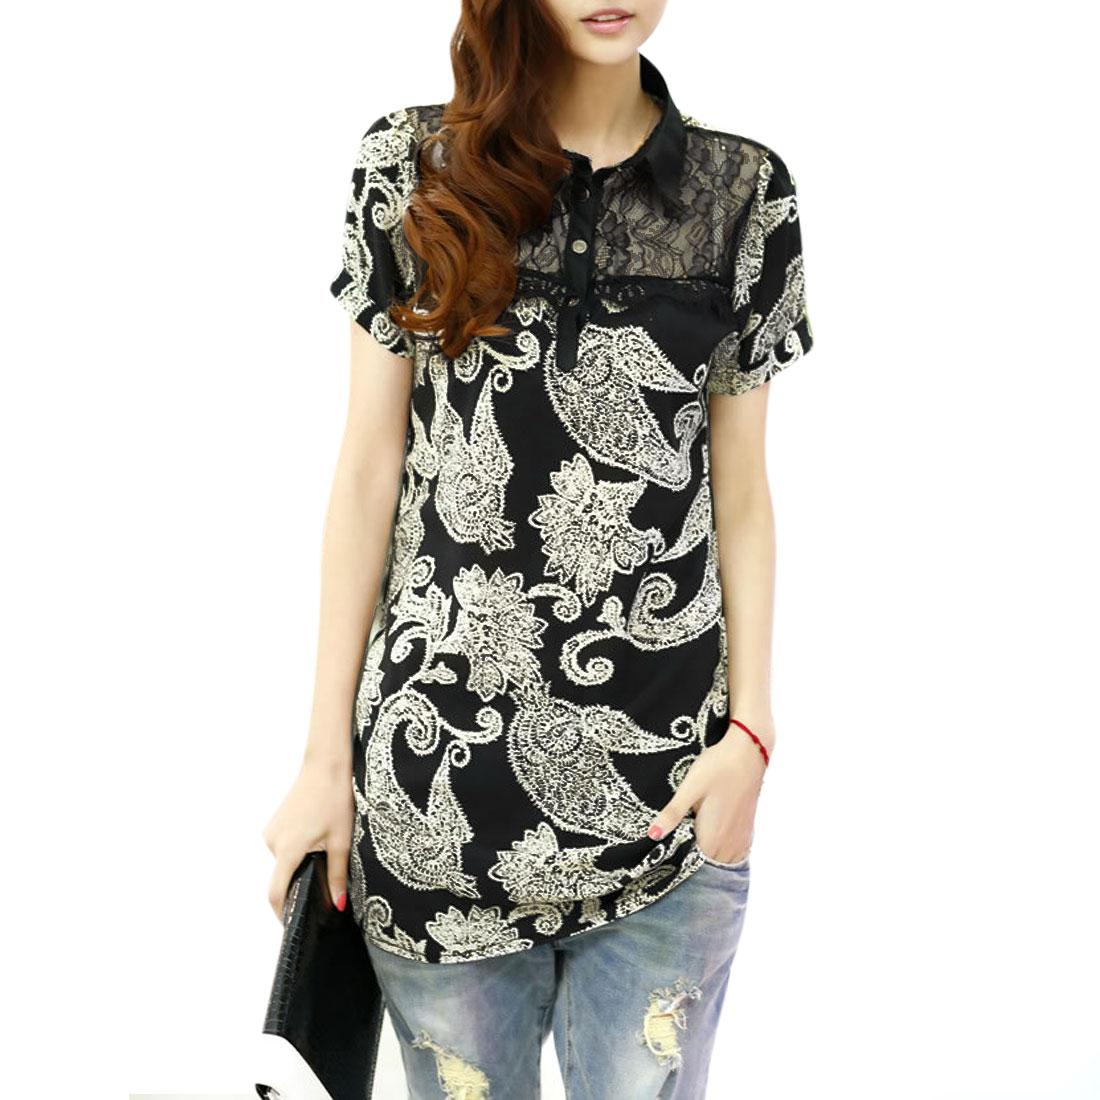 Women Buttons Front Flowers Design Short Sleeve Shirt Beige Black S